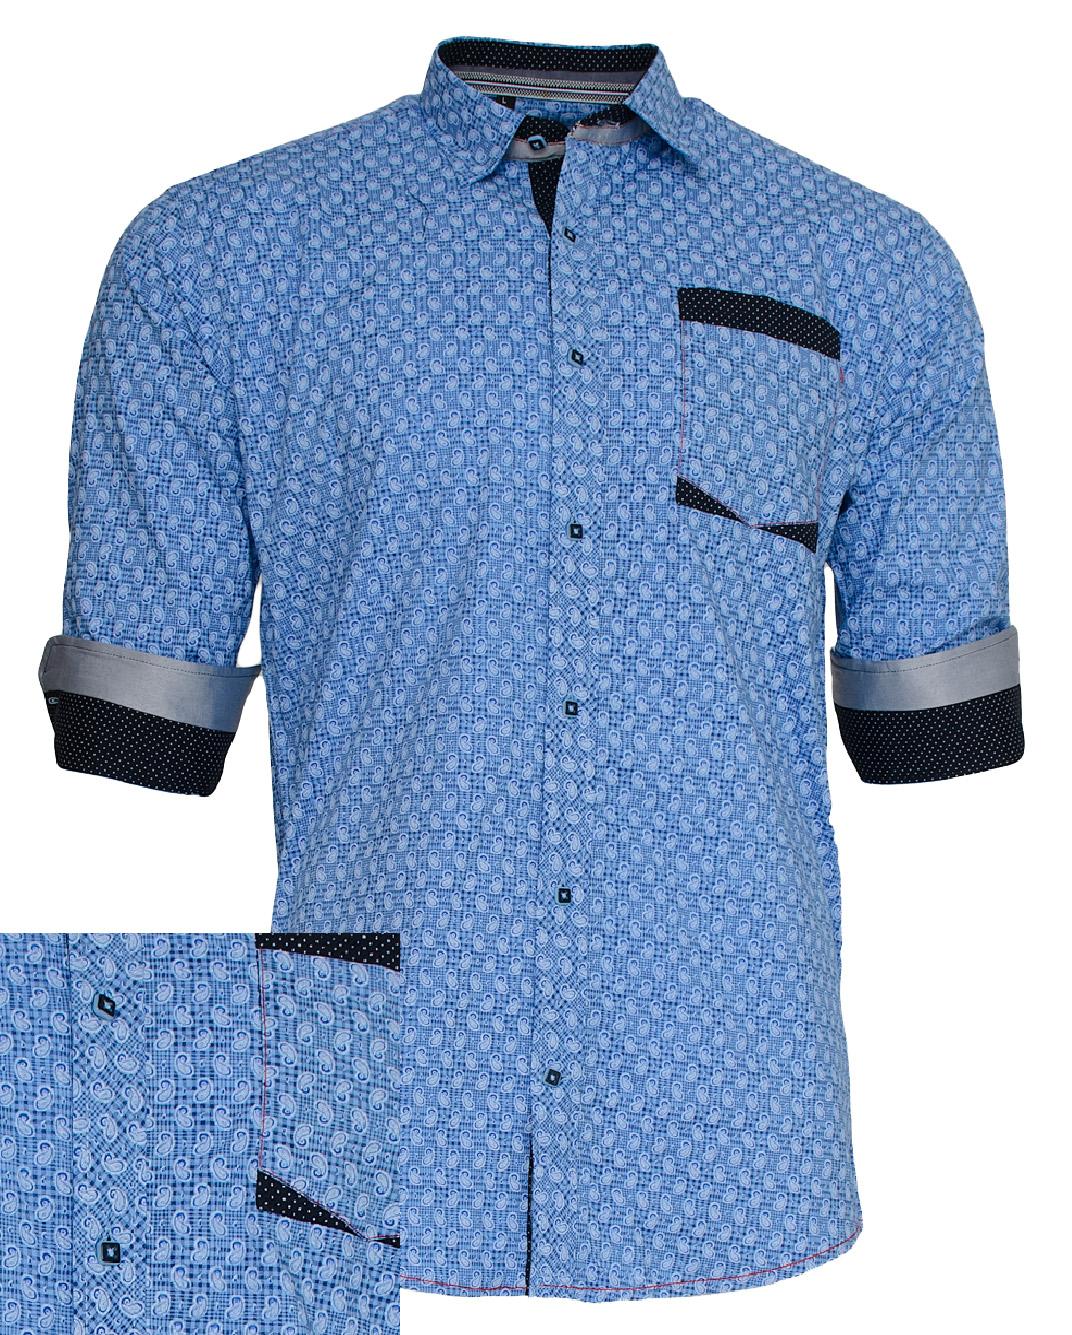 Ανδρικό Πουκάμισο So Fashion Βlue Grey-Μπλε αρχική ανδρικά ρούχα πουκάμισα